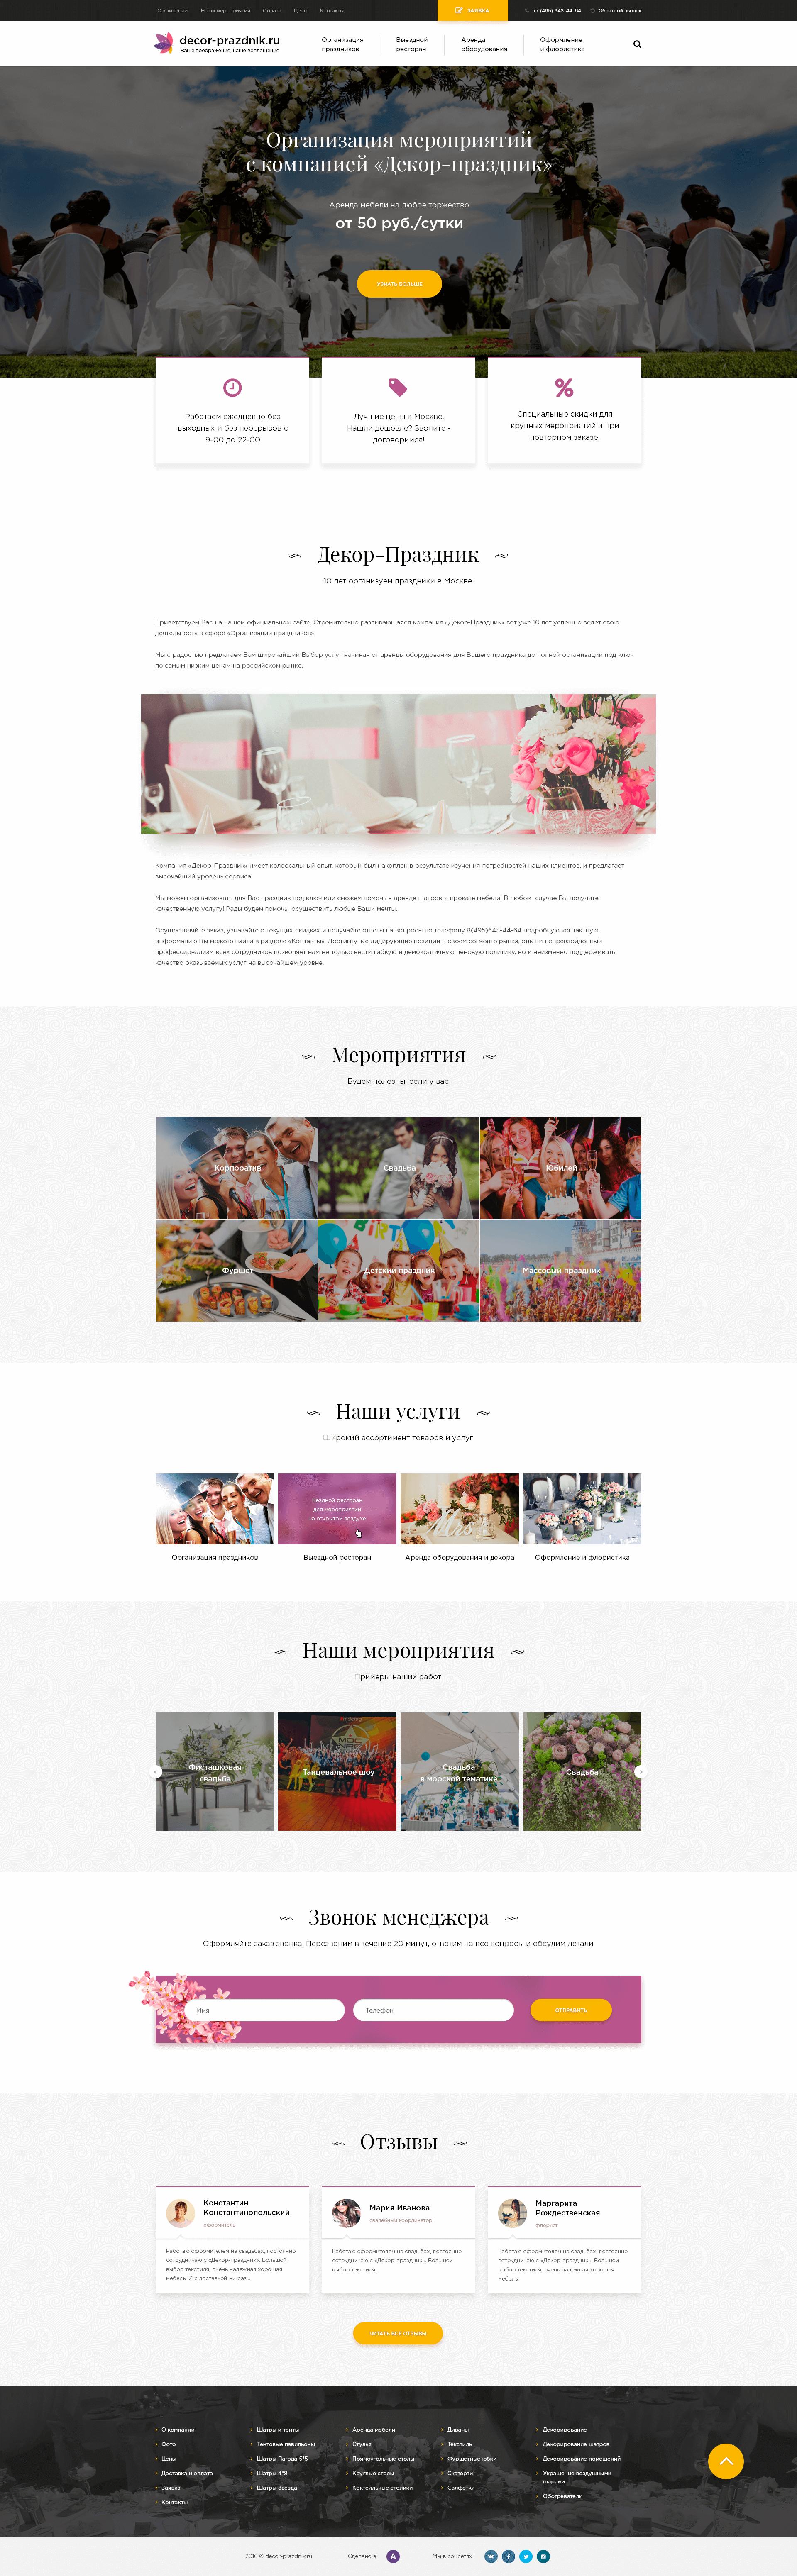 Процесс разработки дизайн-макетов сайта